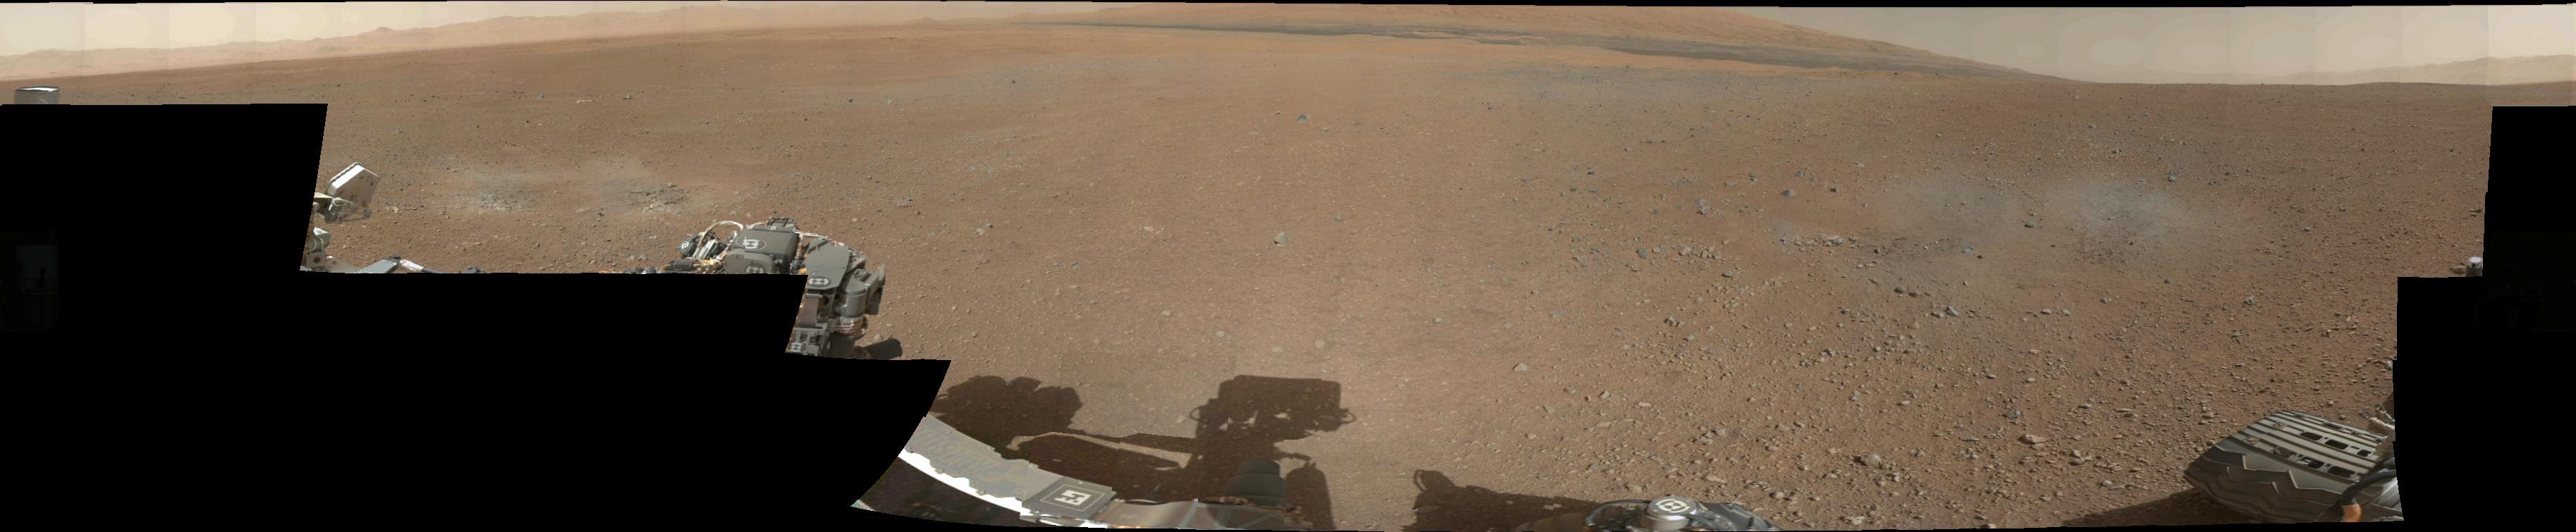 Panorama Warna Pertama dari Mars oleh Curiosity